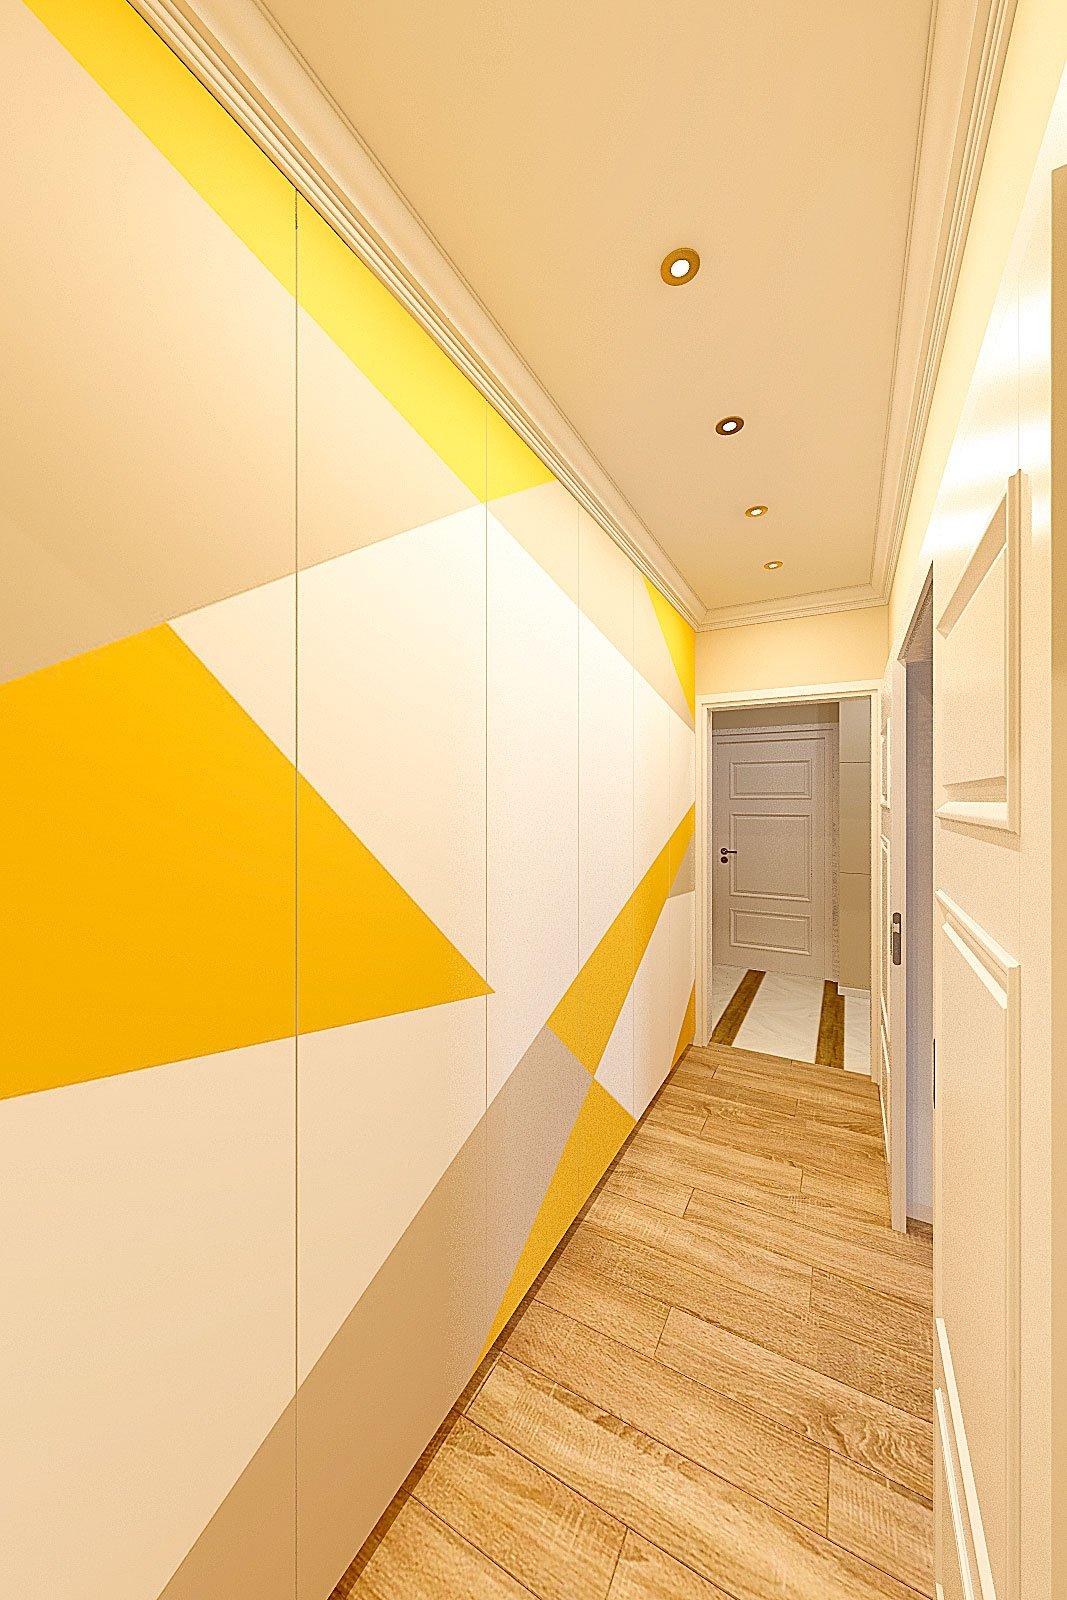 дизайн интерьера коридора в современном стиле, Гомель 2018, фото №1